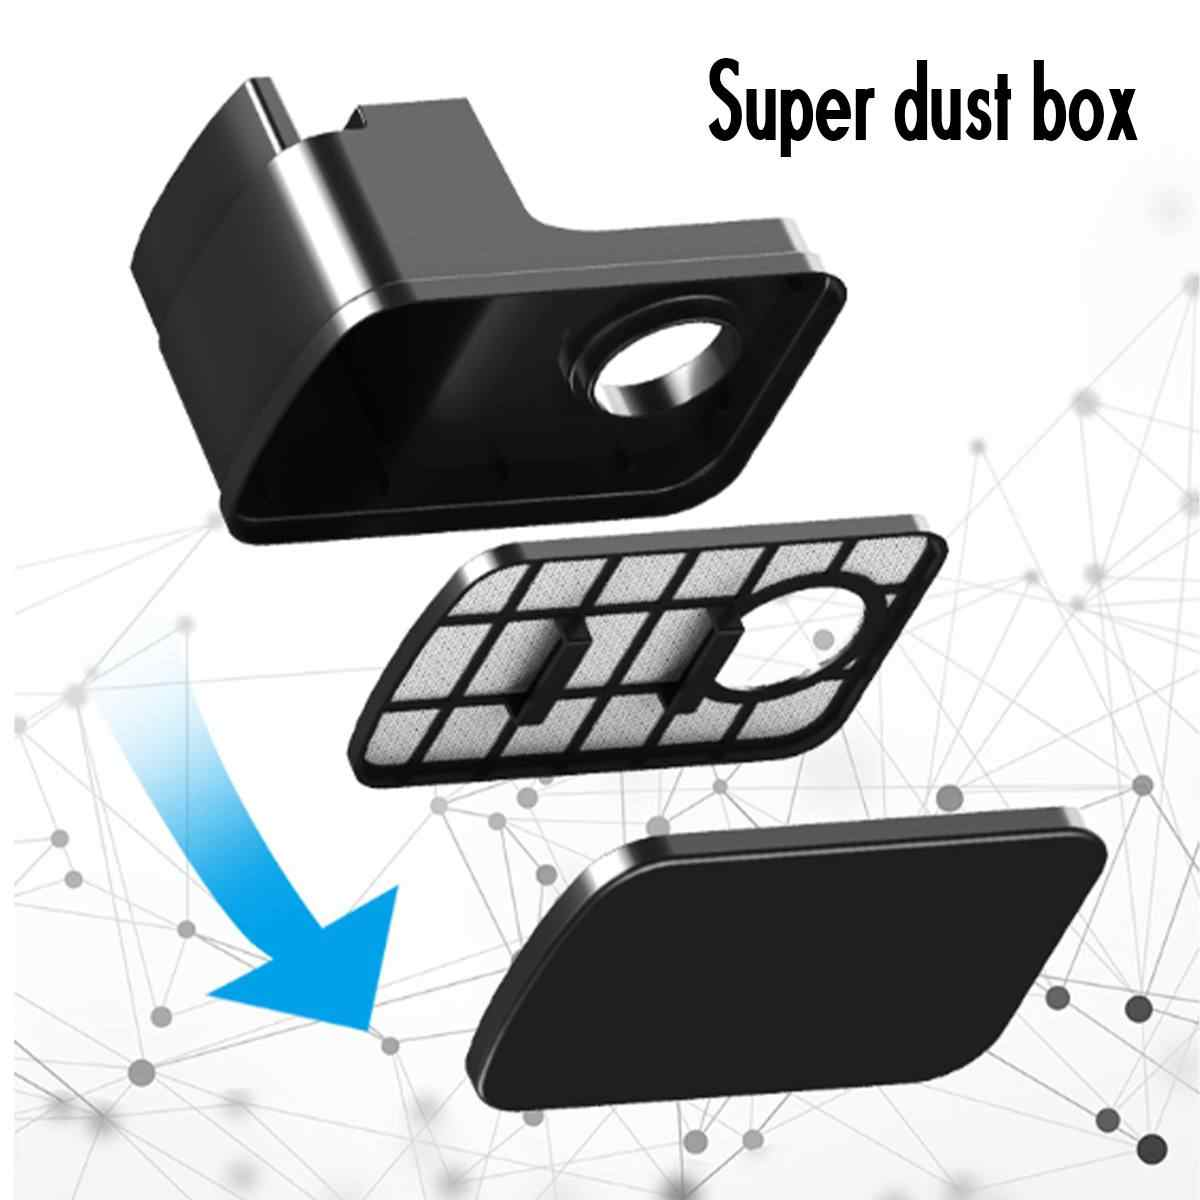 3200pa USB الذكية روبوت قابلة للشحن 4 في 1 السيارات الذكية مكانس كهربائية للكنس معقم بالأشعة فوق البنفسجية شفط قوي مكنسة مكانس كهربائية